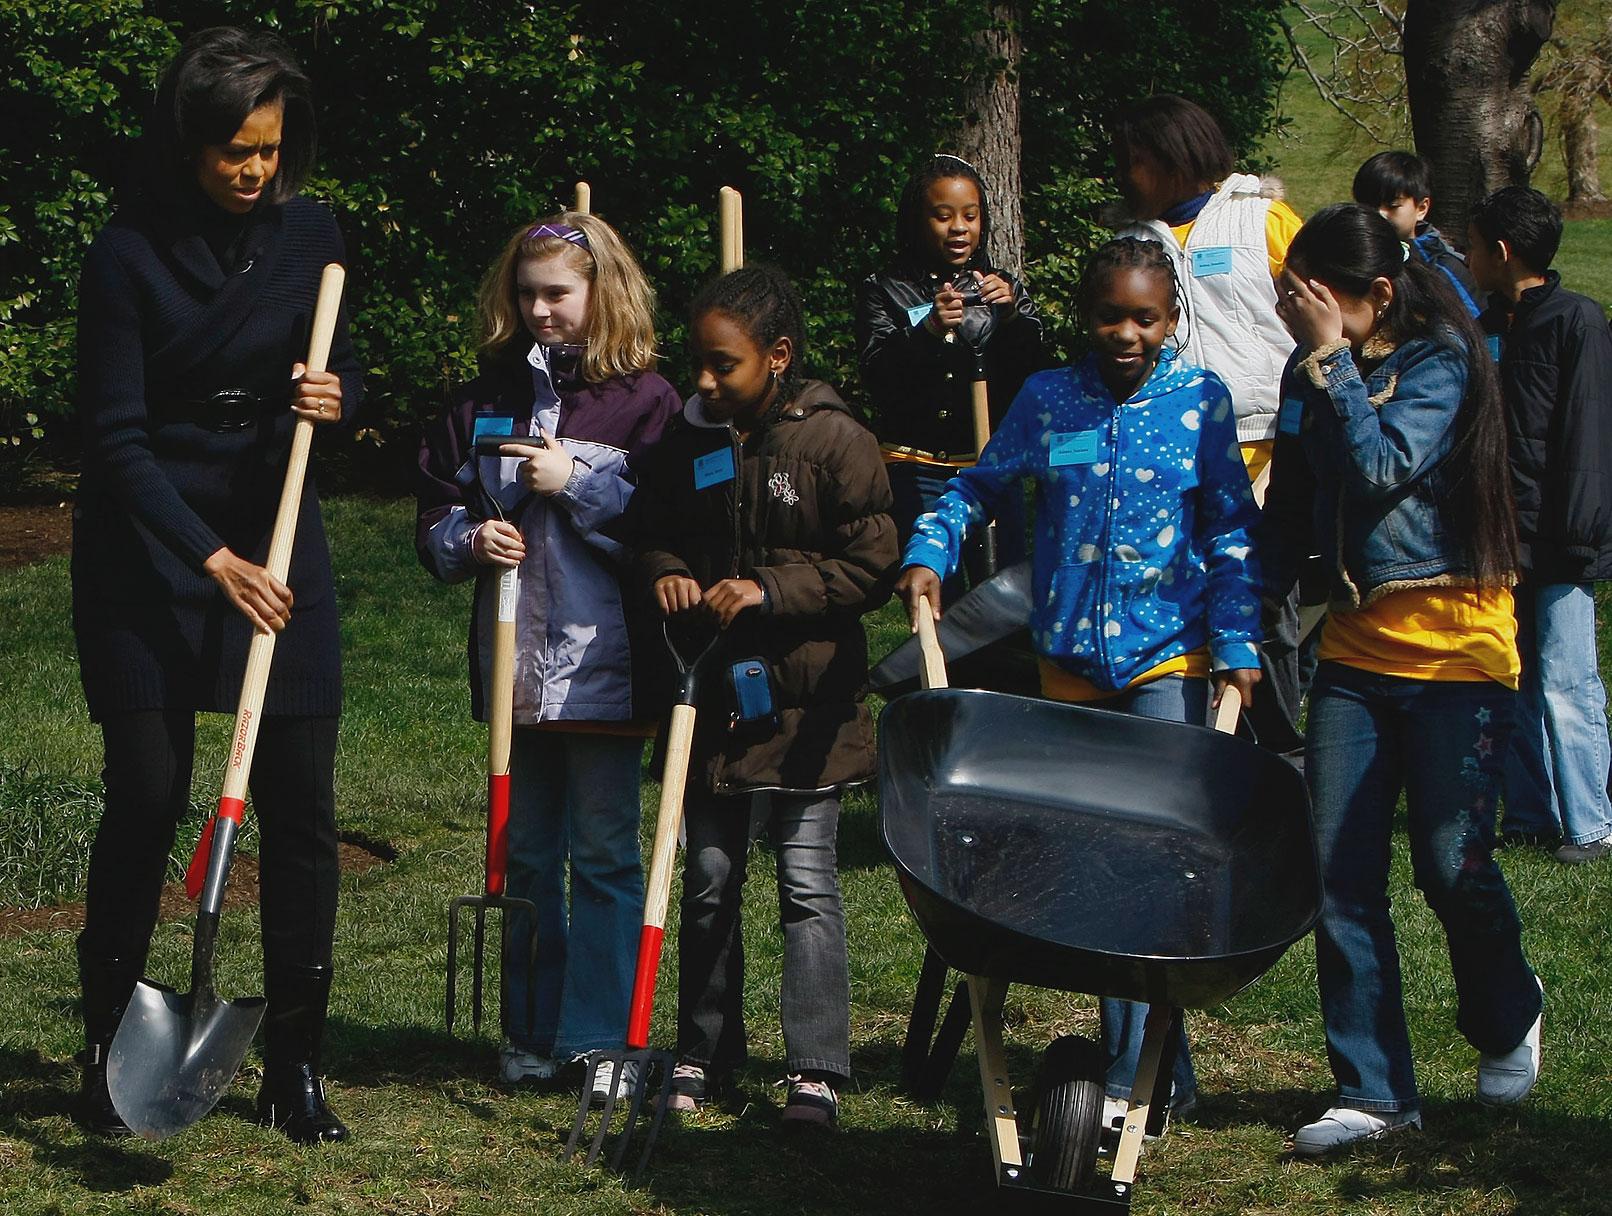 Michelle Obama's Groundbreaking Garden